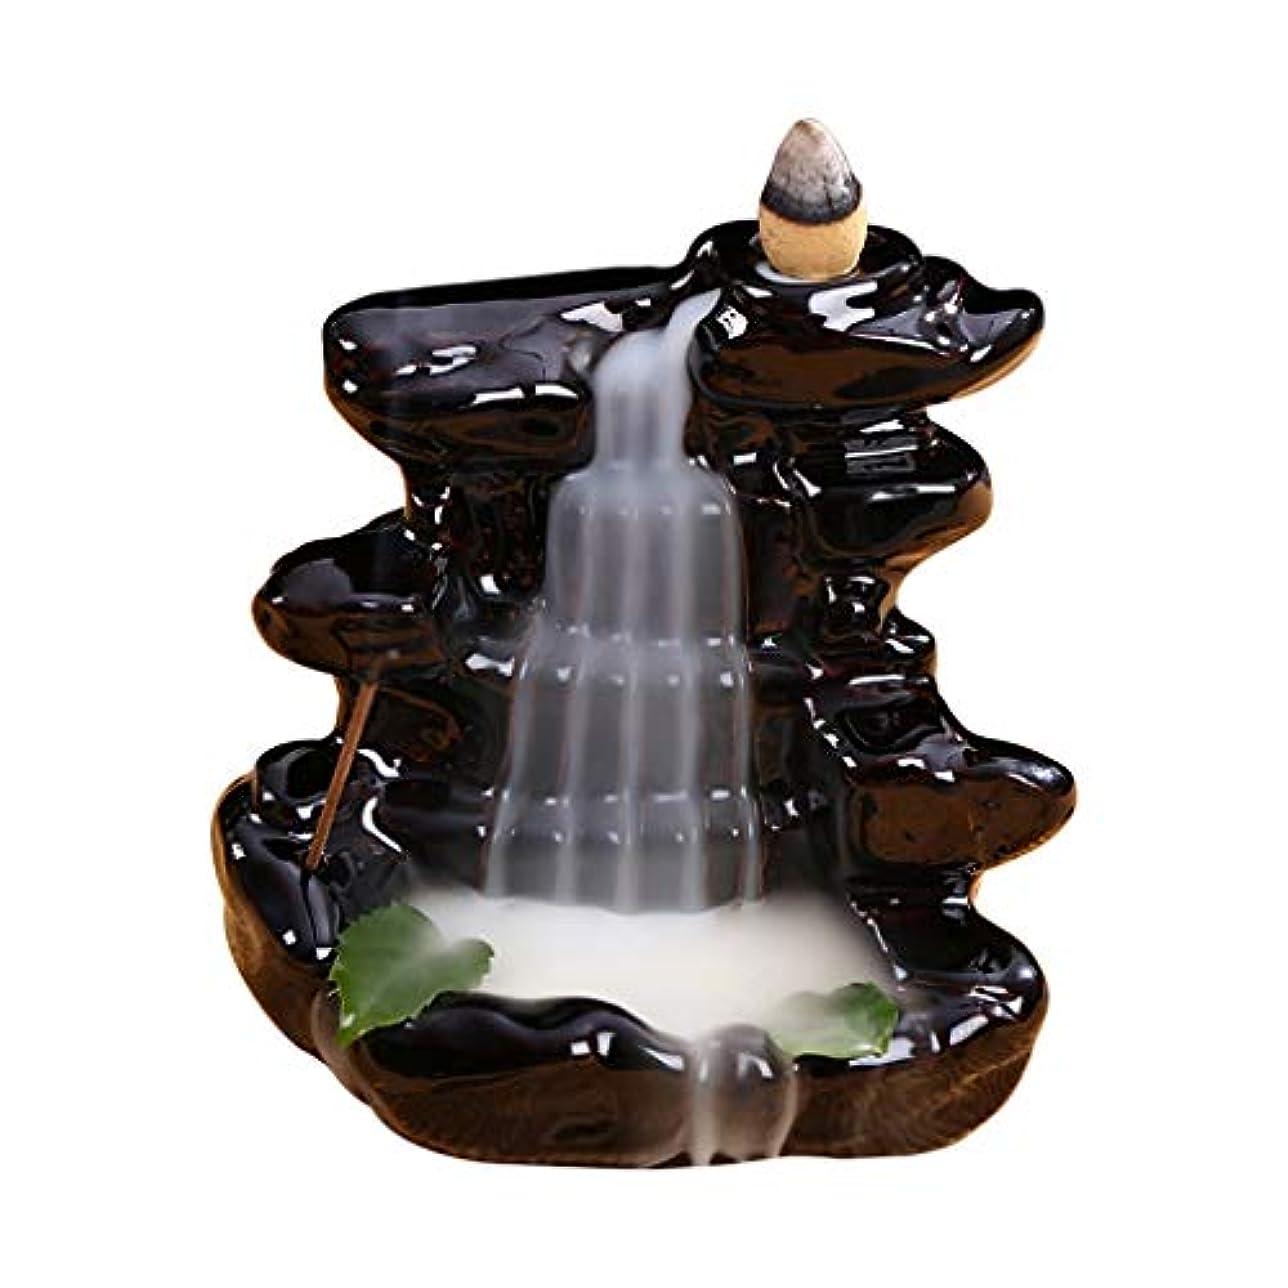 印象的バルセロナ兵士渓流セラミック香炉バックフロー滝香ホルダーホーム香り装飾香スティックコーンバーナーホルダー (Color : Black, サイズ : 4.33*4.44 inches)